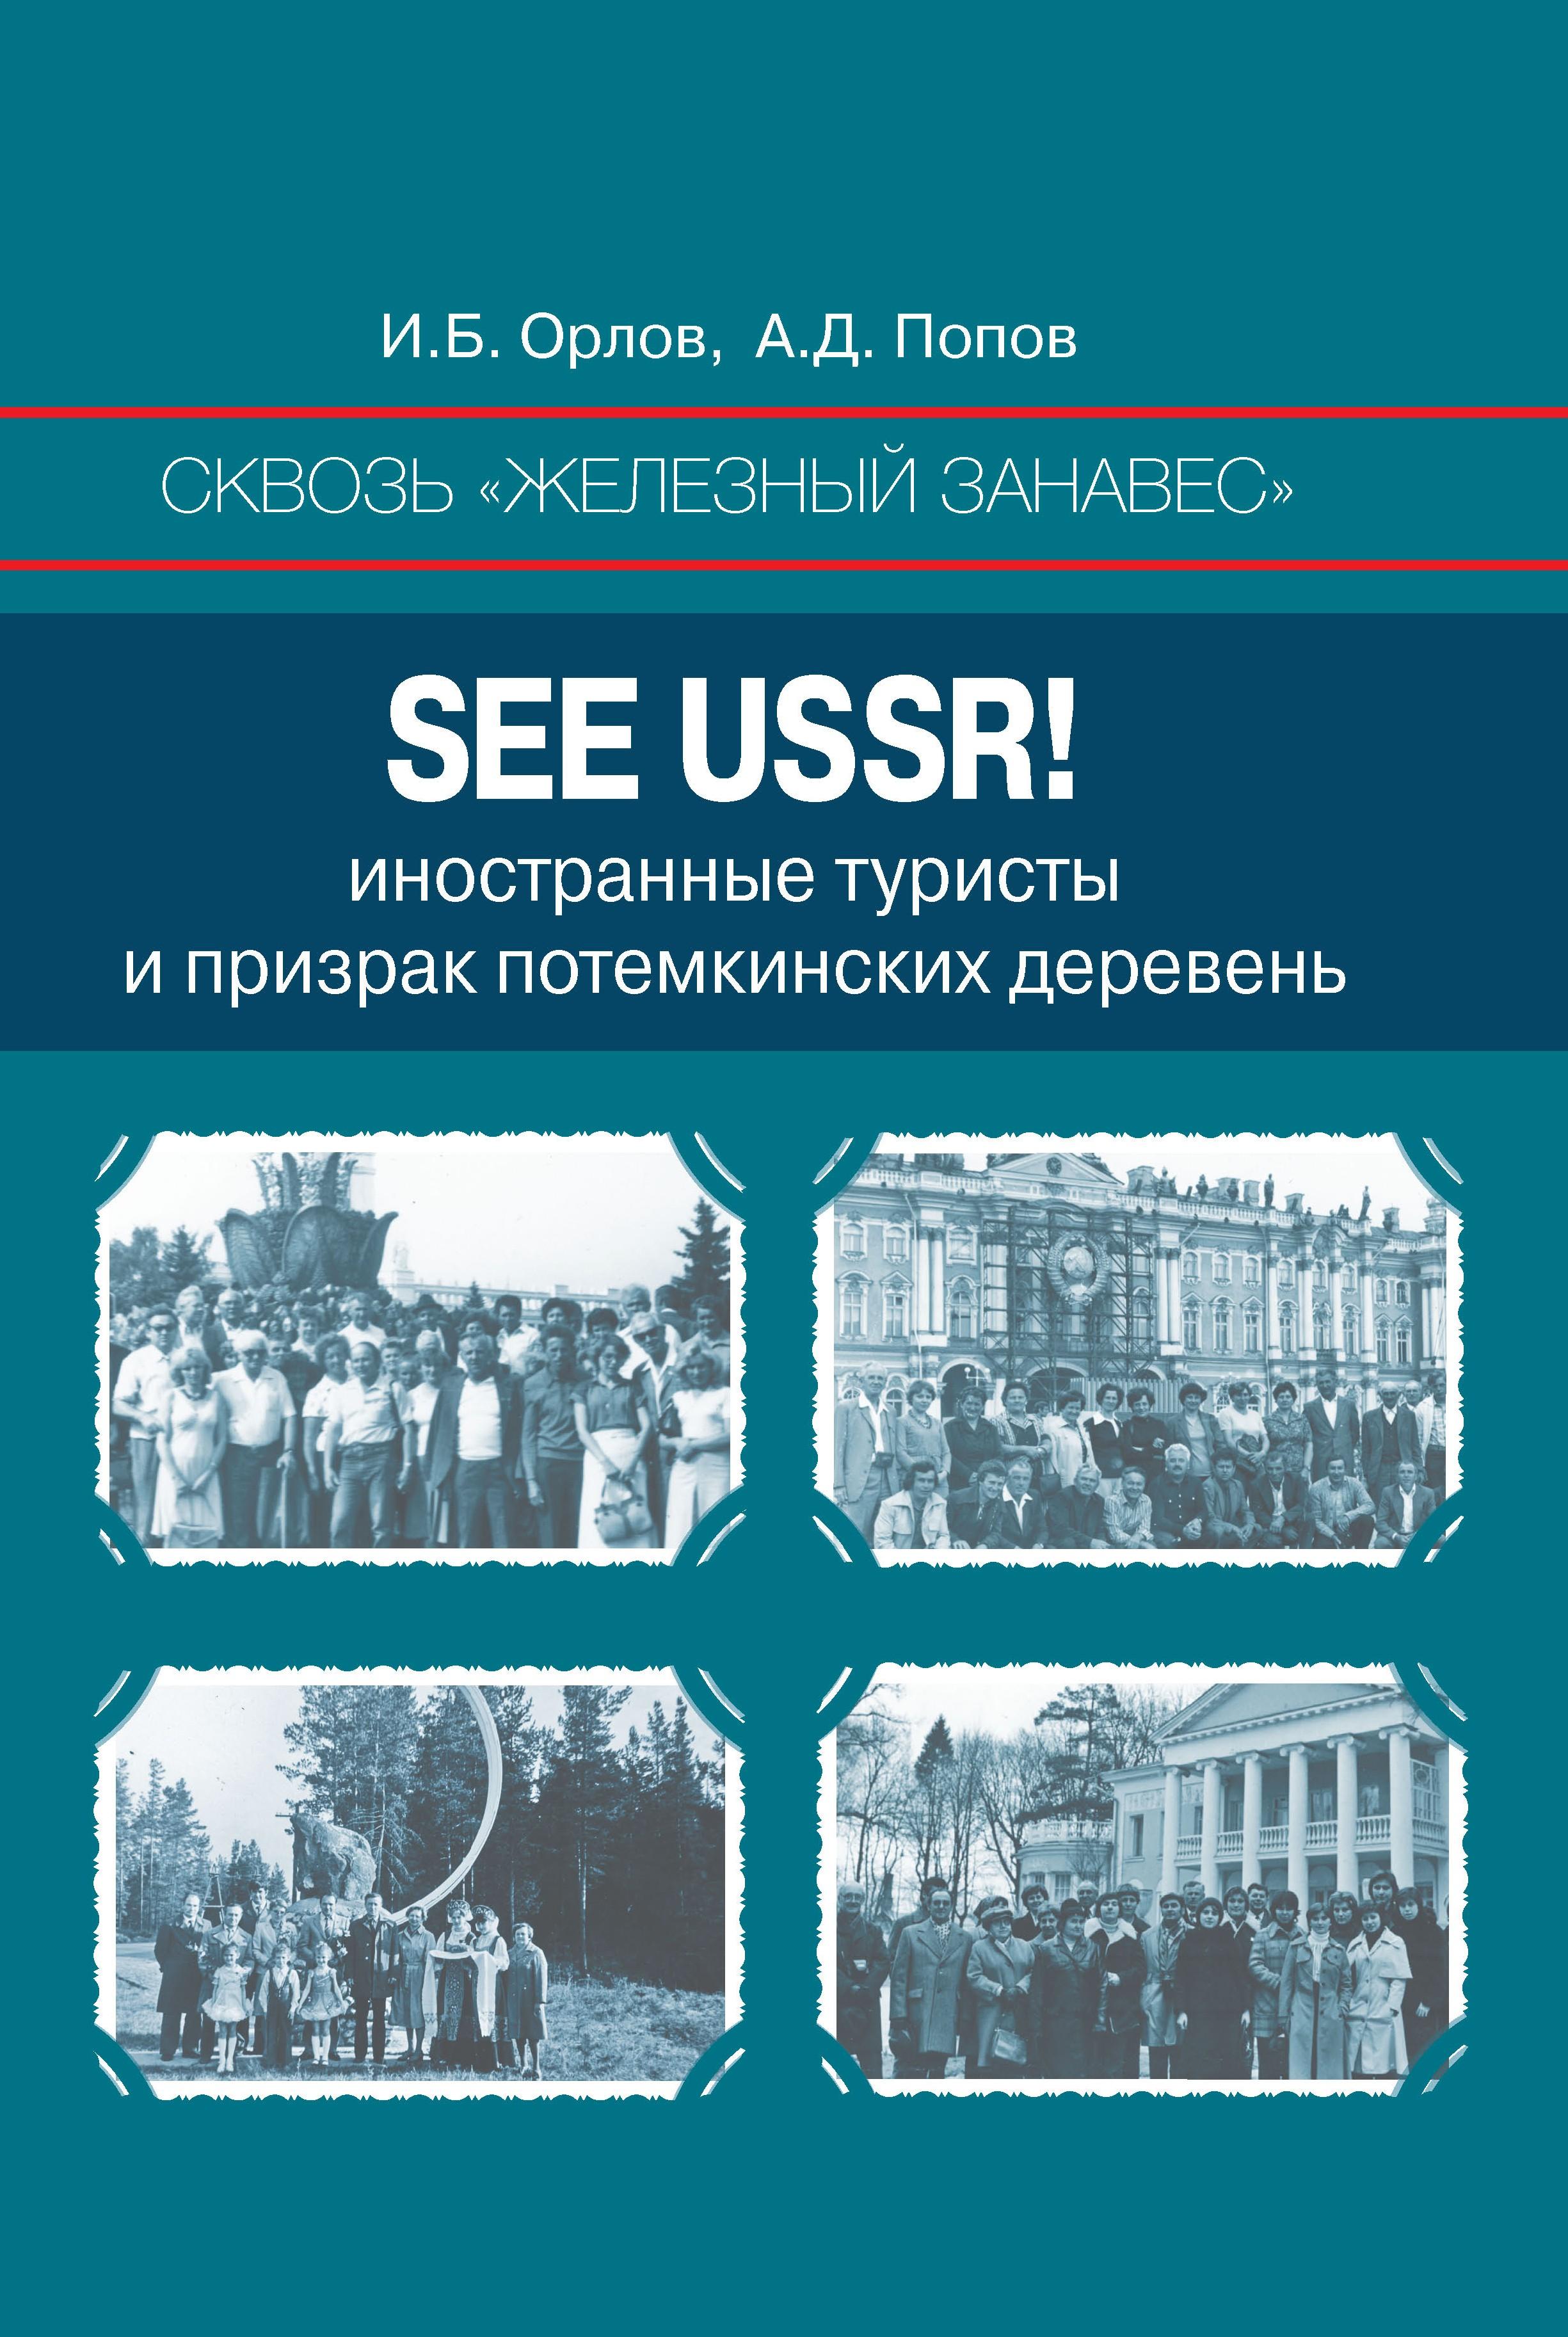 Сквозь «железный занавес». Sее USSR!. Иностранные туристы и призрак потемкинских деревень